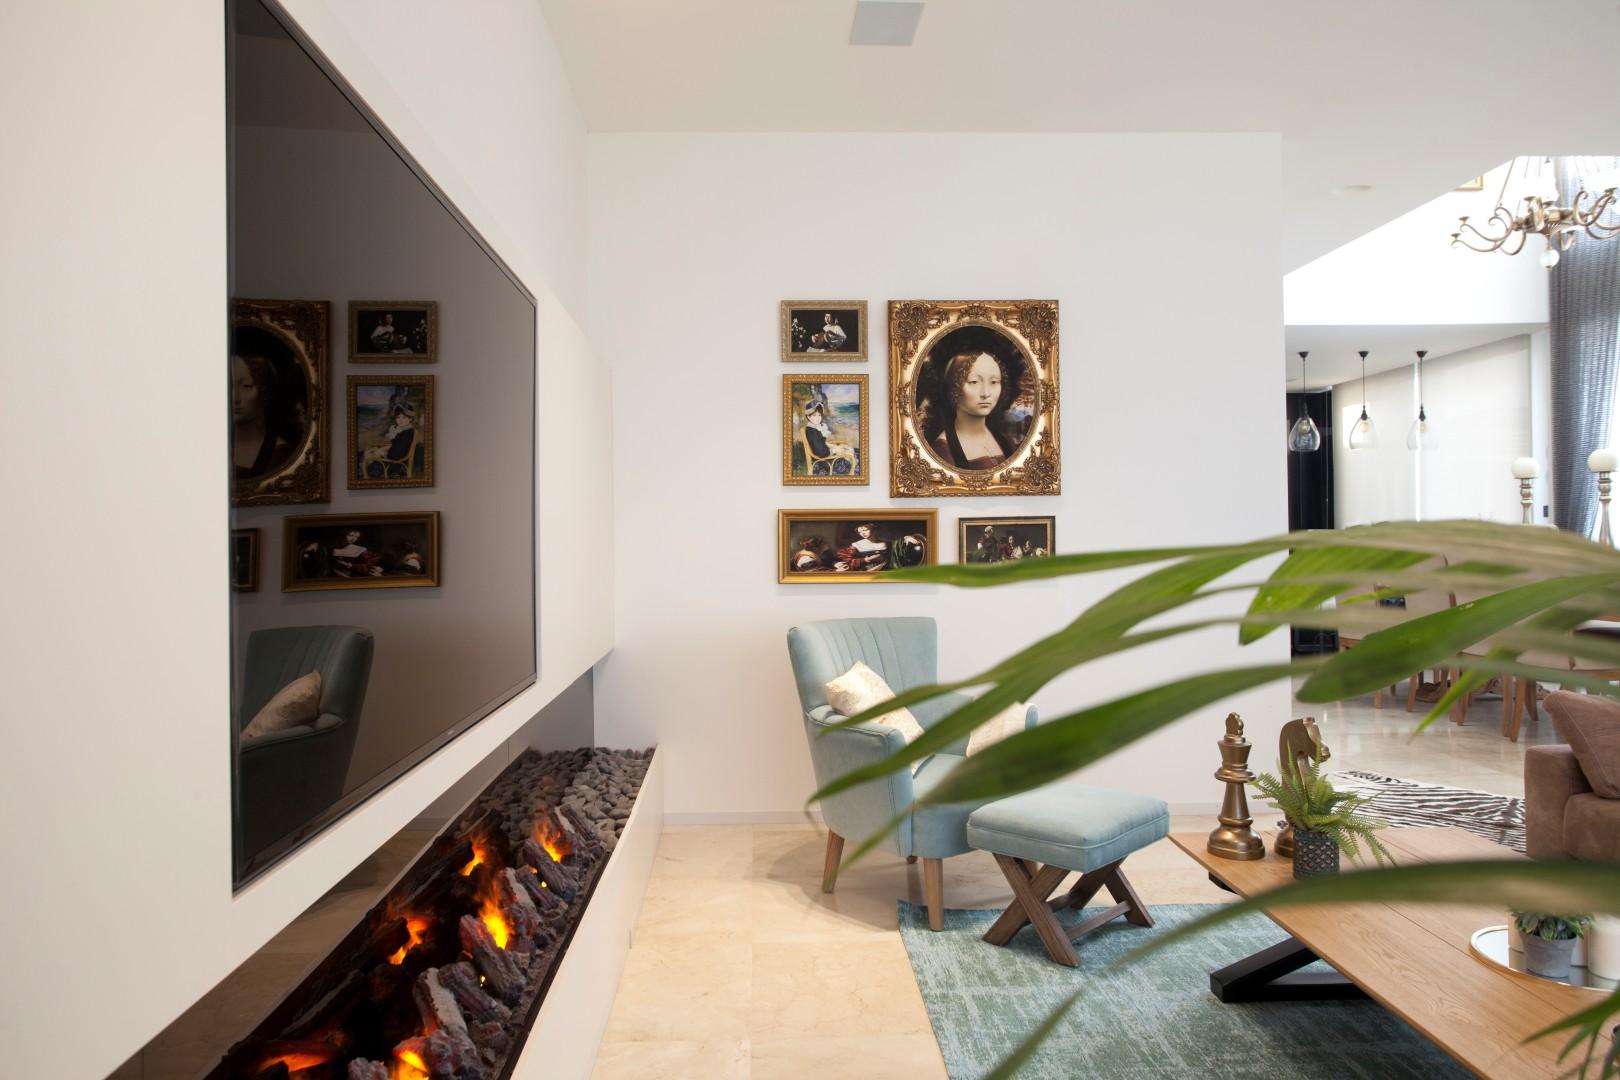 חפצי אמנות ועתיקות בכל חלל בבית (צילום: גידי בועז) (צילום: גידי בועז)